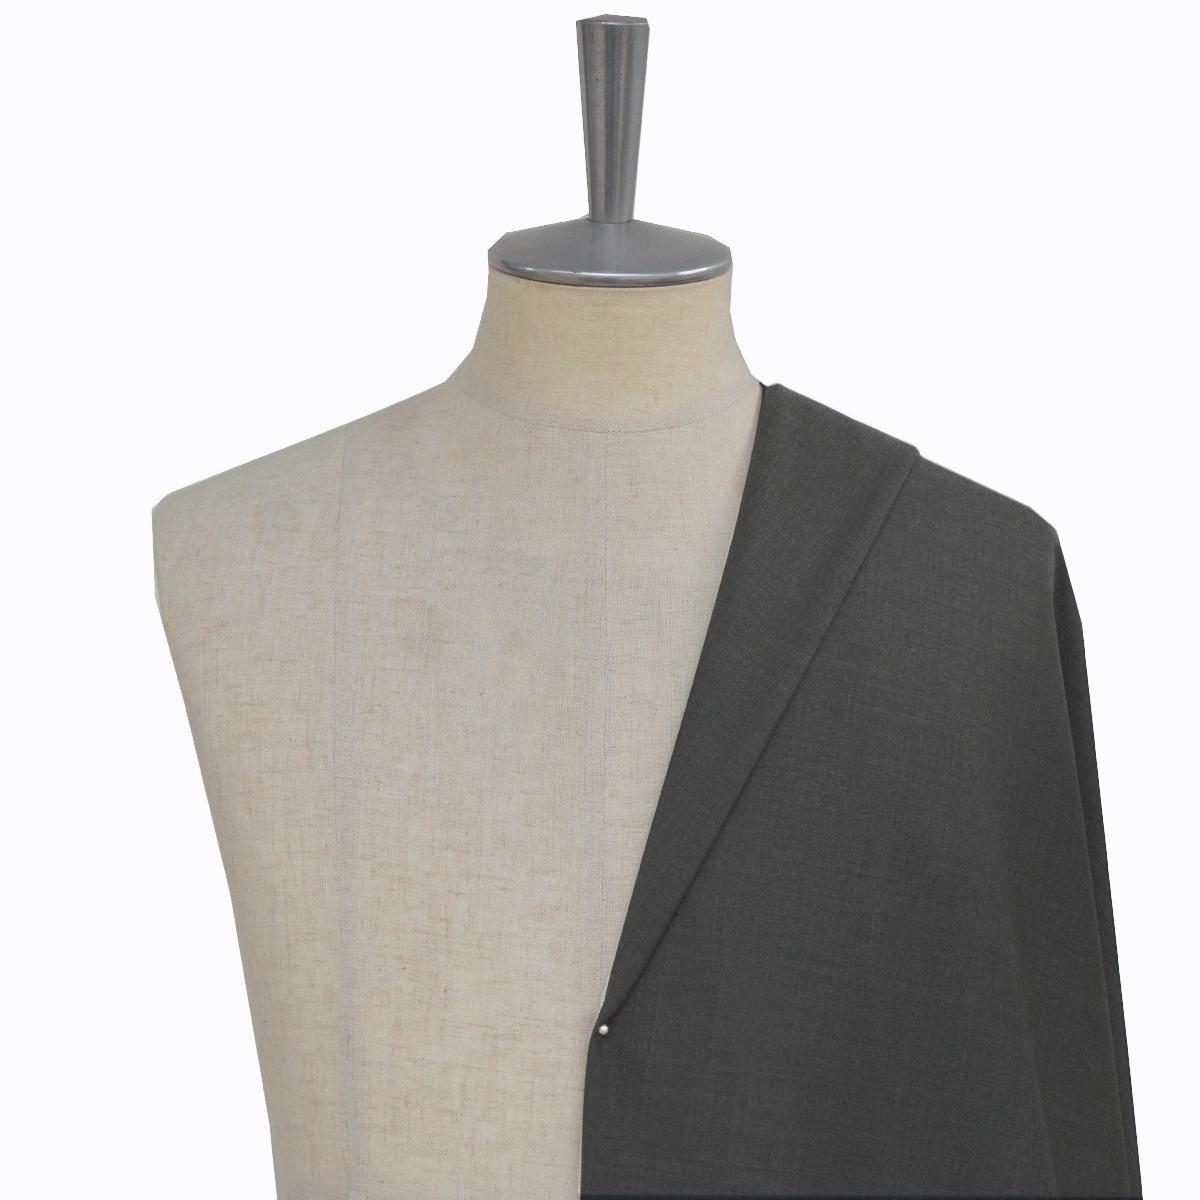 [オーダースーツ]定番グレー×クールマックスで使い勝手の良い一着